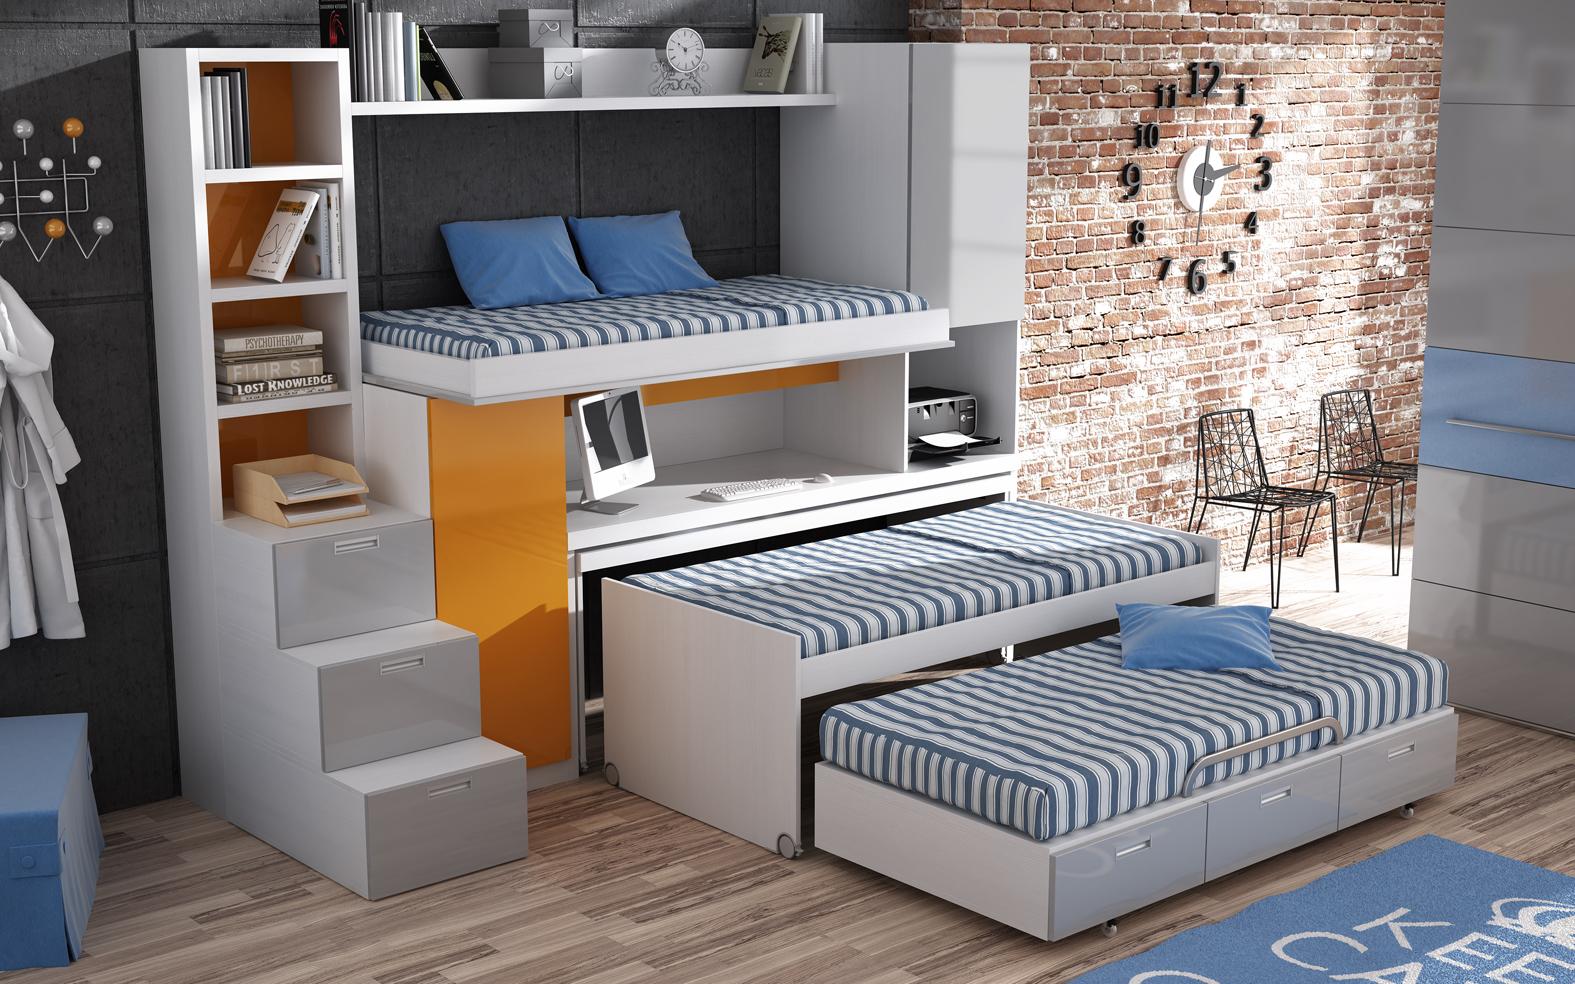 Cama con escritorio abajo cama con escritorio incorporado - Cama con escritorio abajo ...